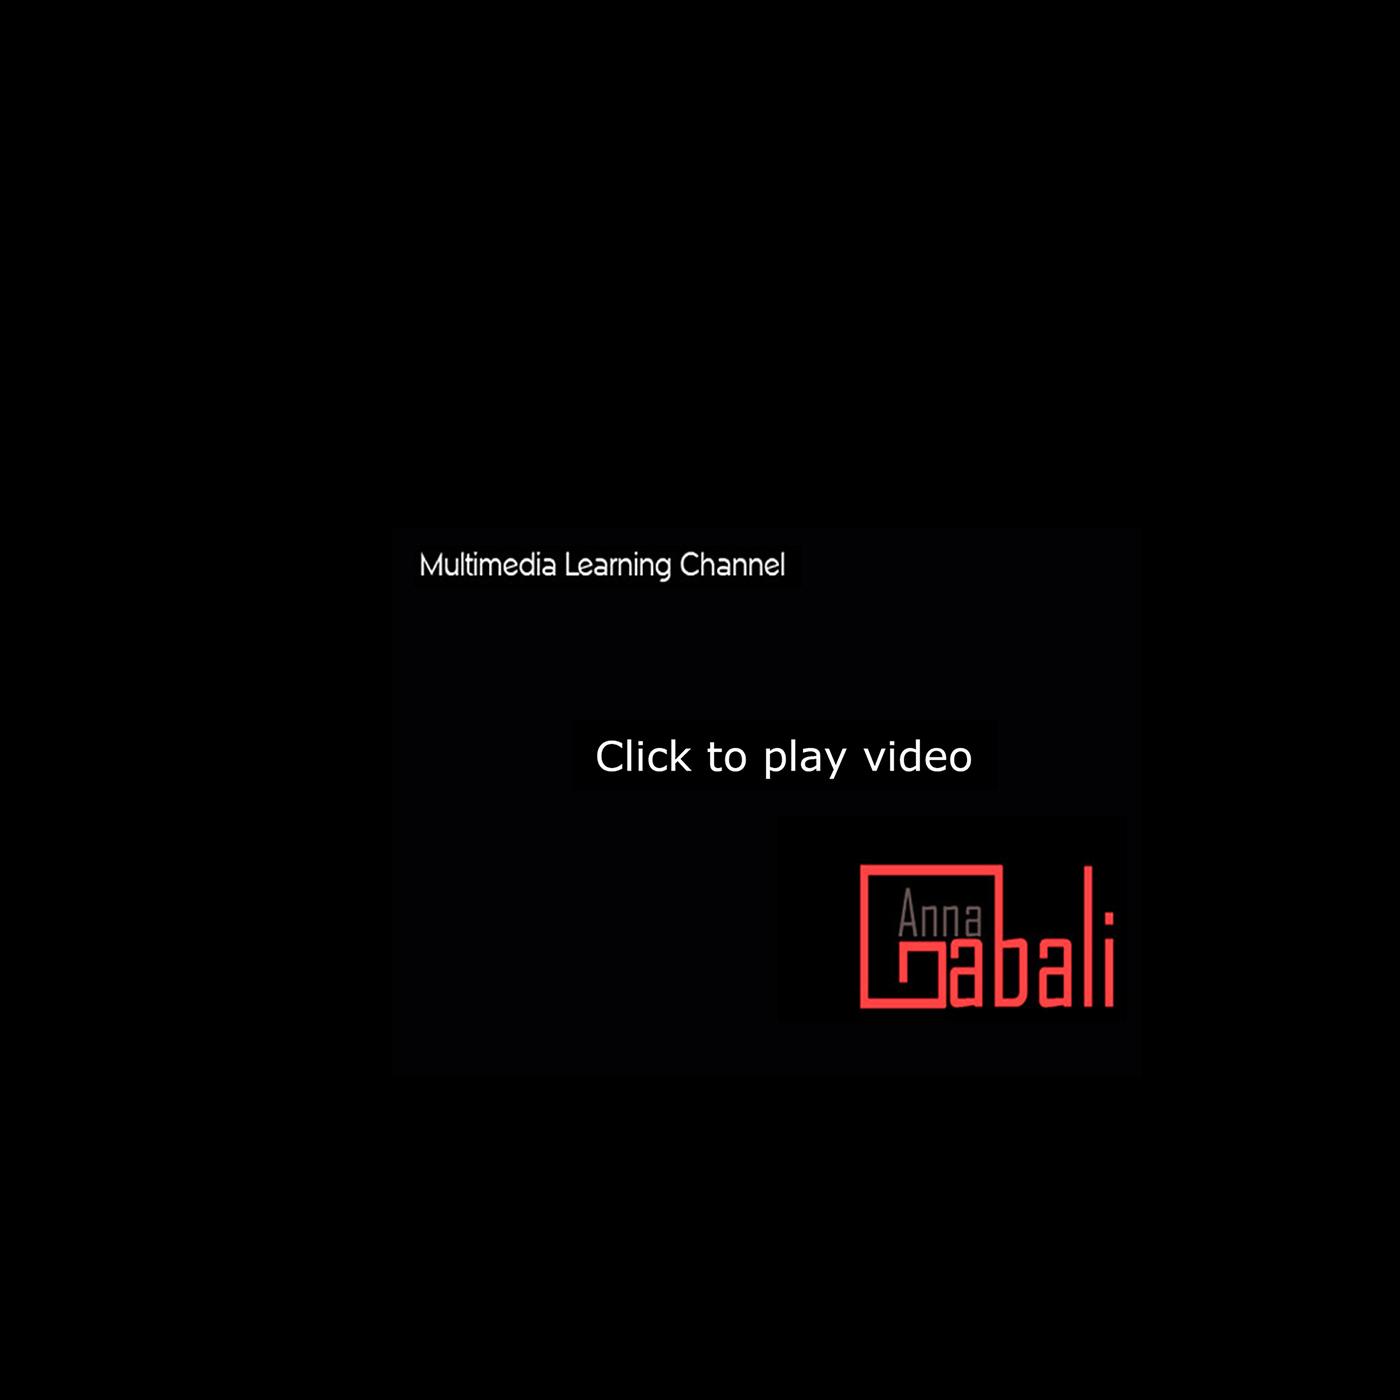 Multimedia Learning channel